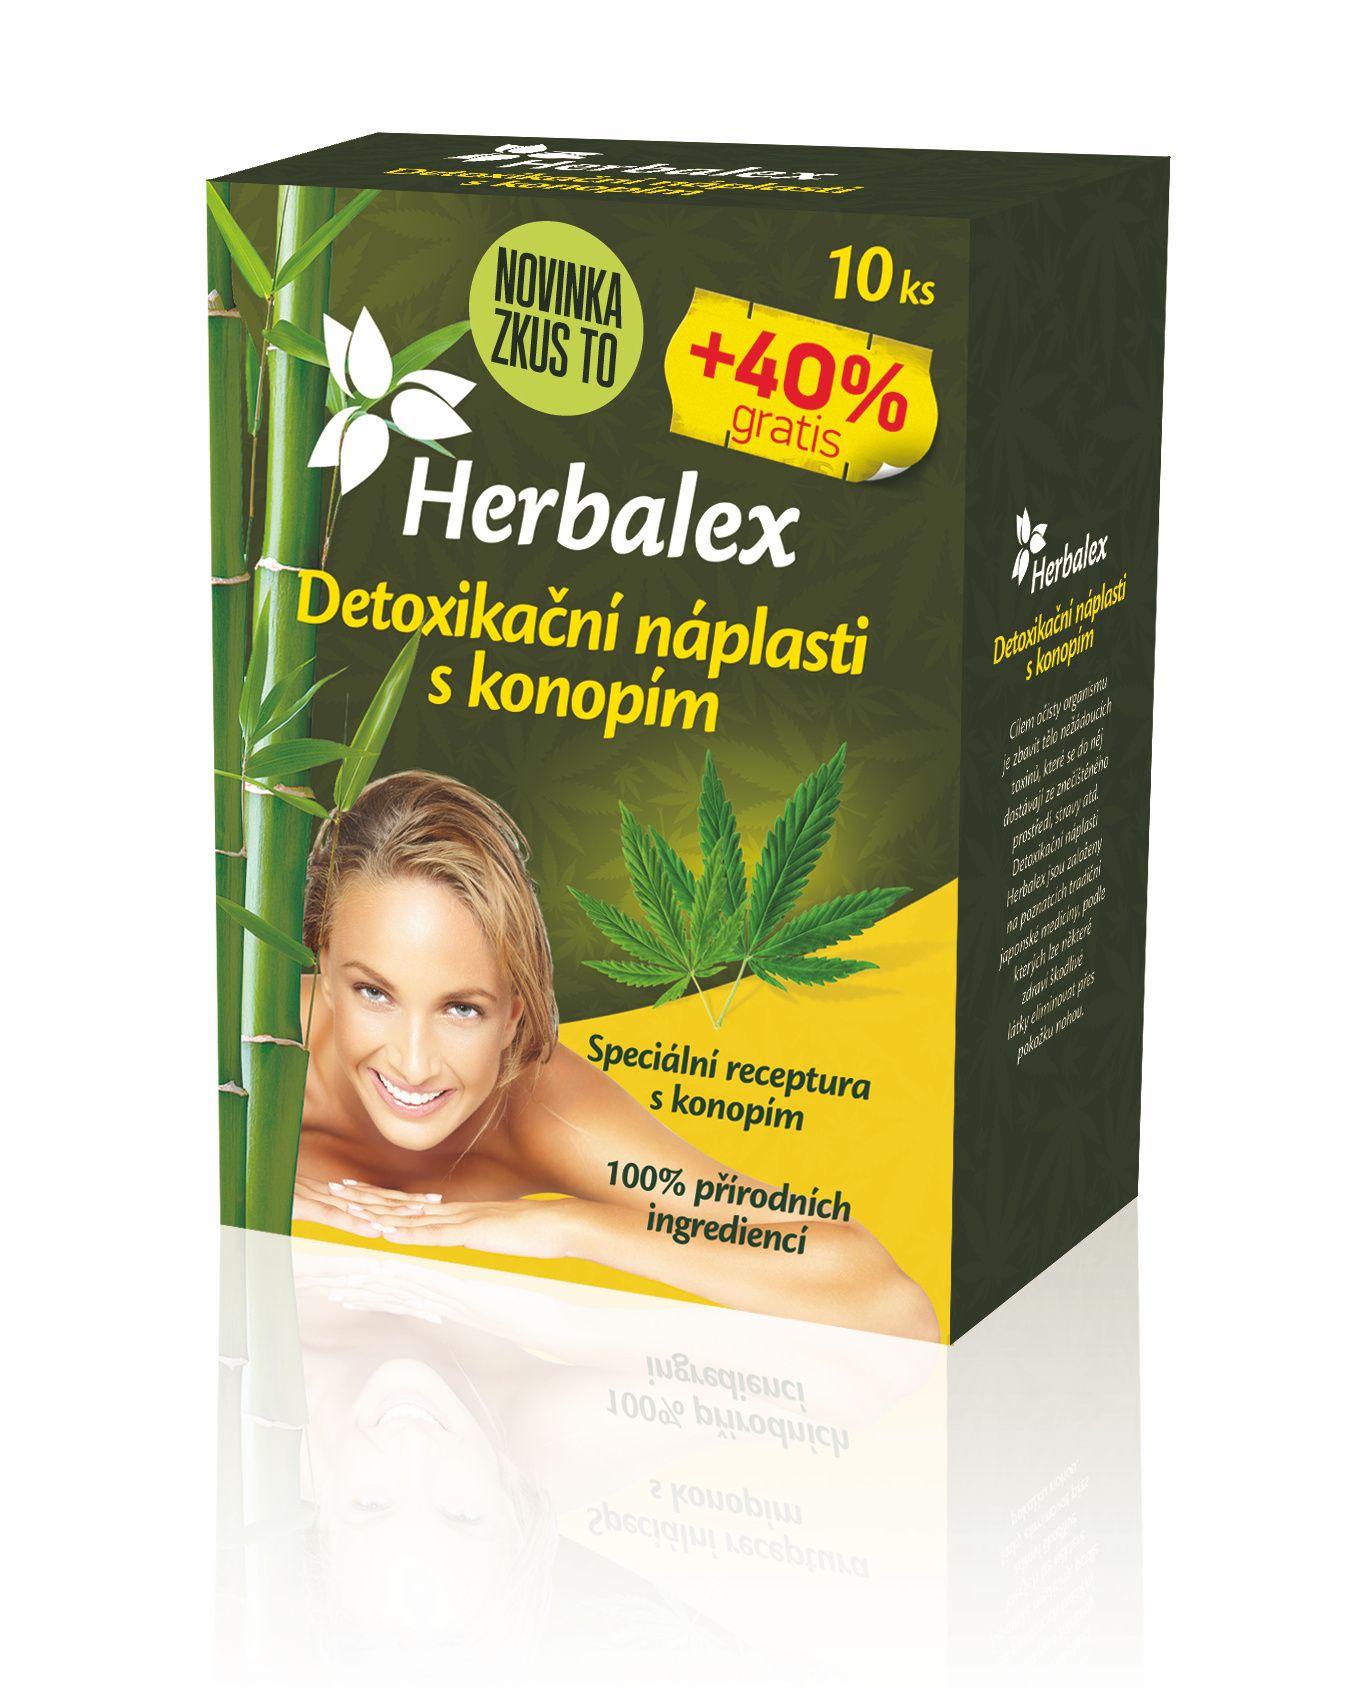 Herbalex Detoxikační náplast s konopím 10 ks + 40 % zdarma